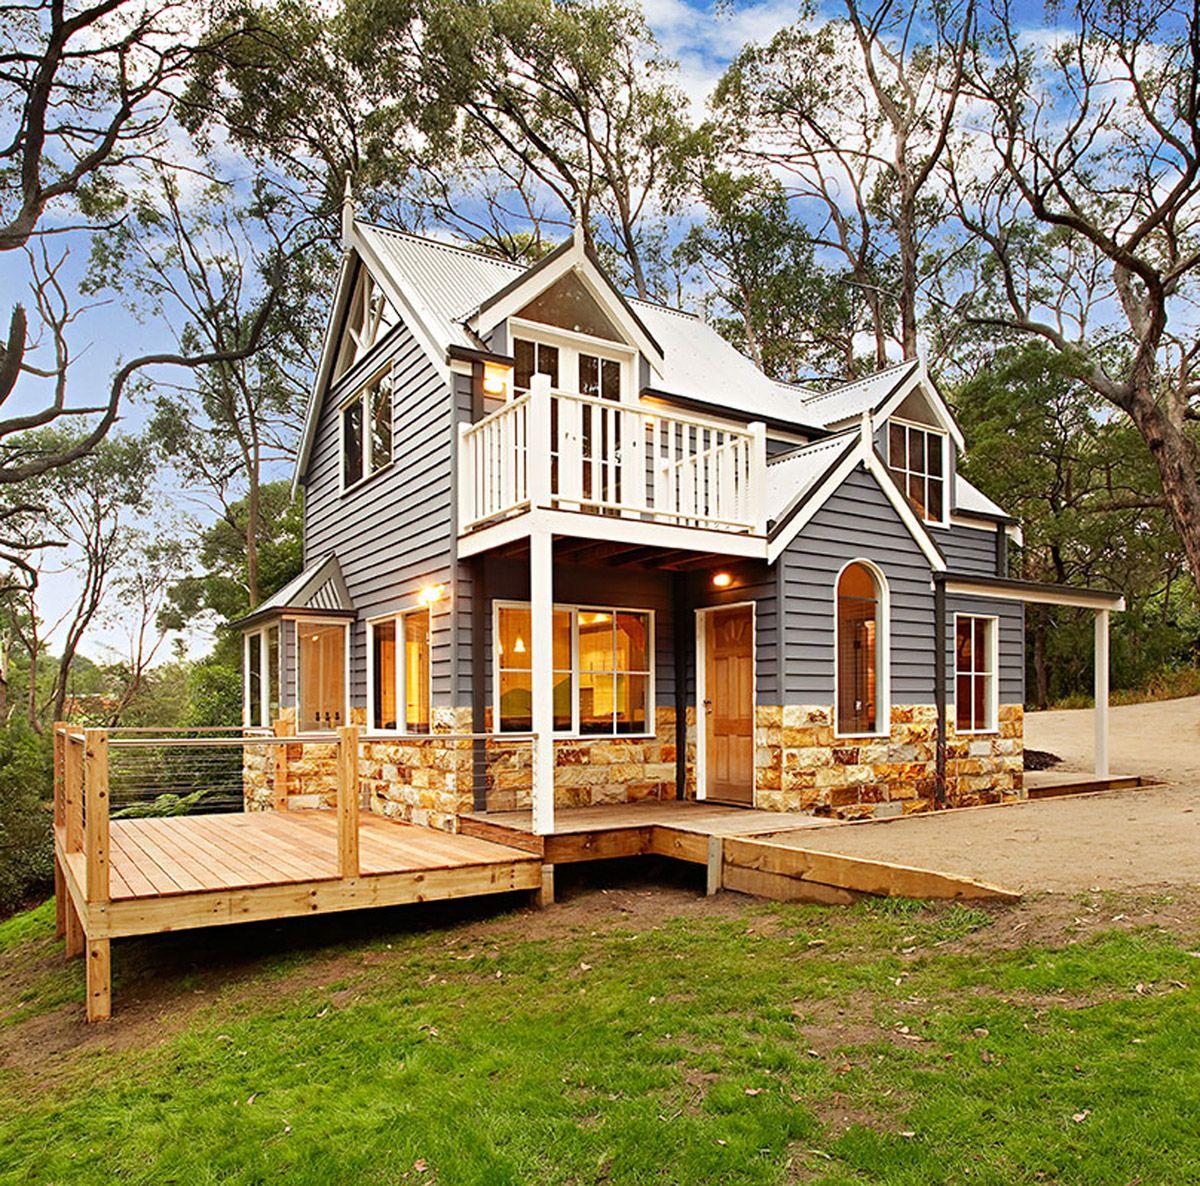 Dragonfly Cottage Storybook Designer Kit Homes Australia